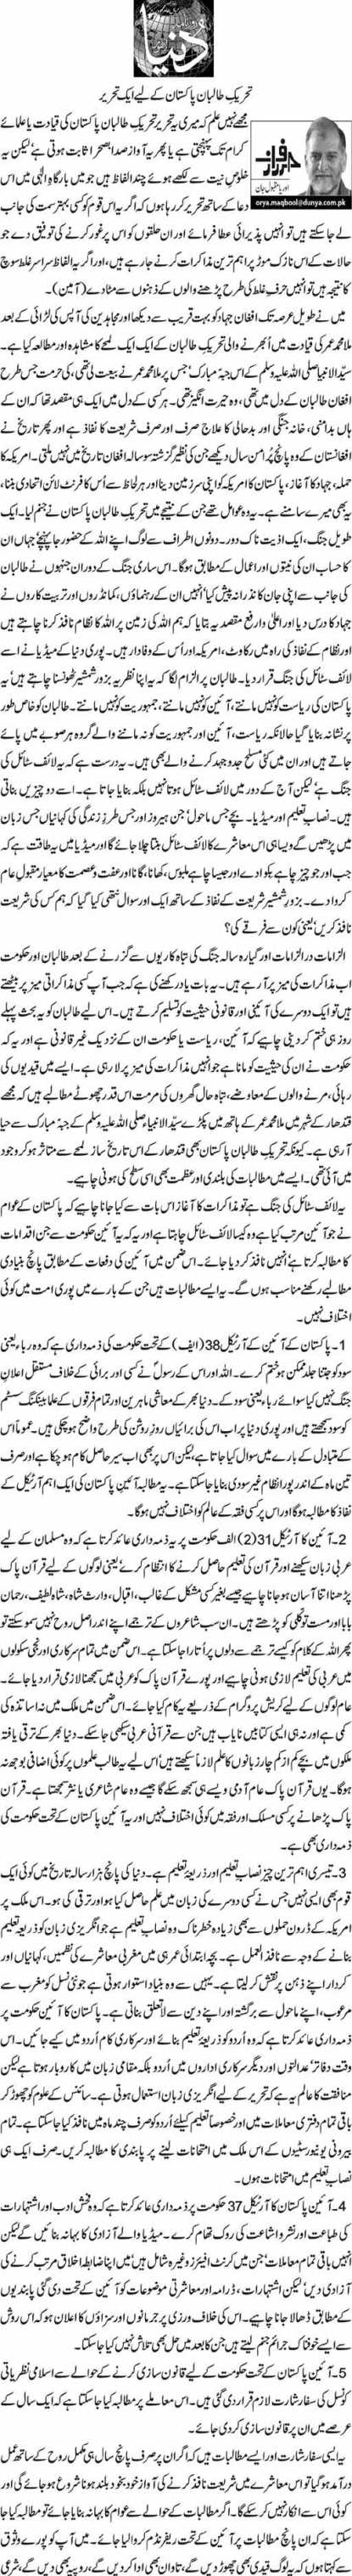 Tehreek e Taliban e Pakistan Ky Liye Ekk Tahreer - Orya Maqbool Jan